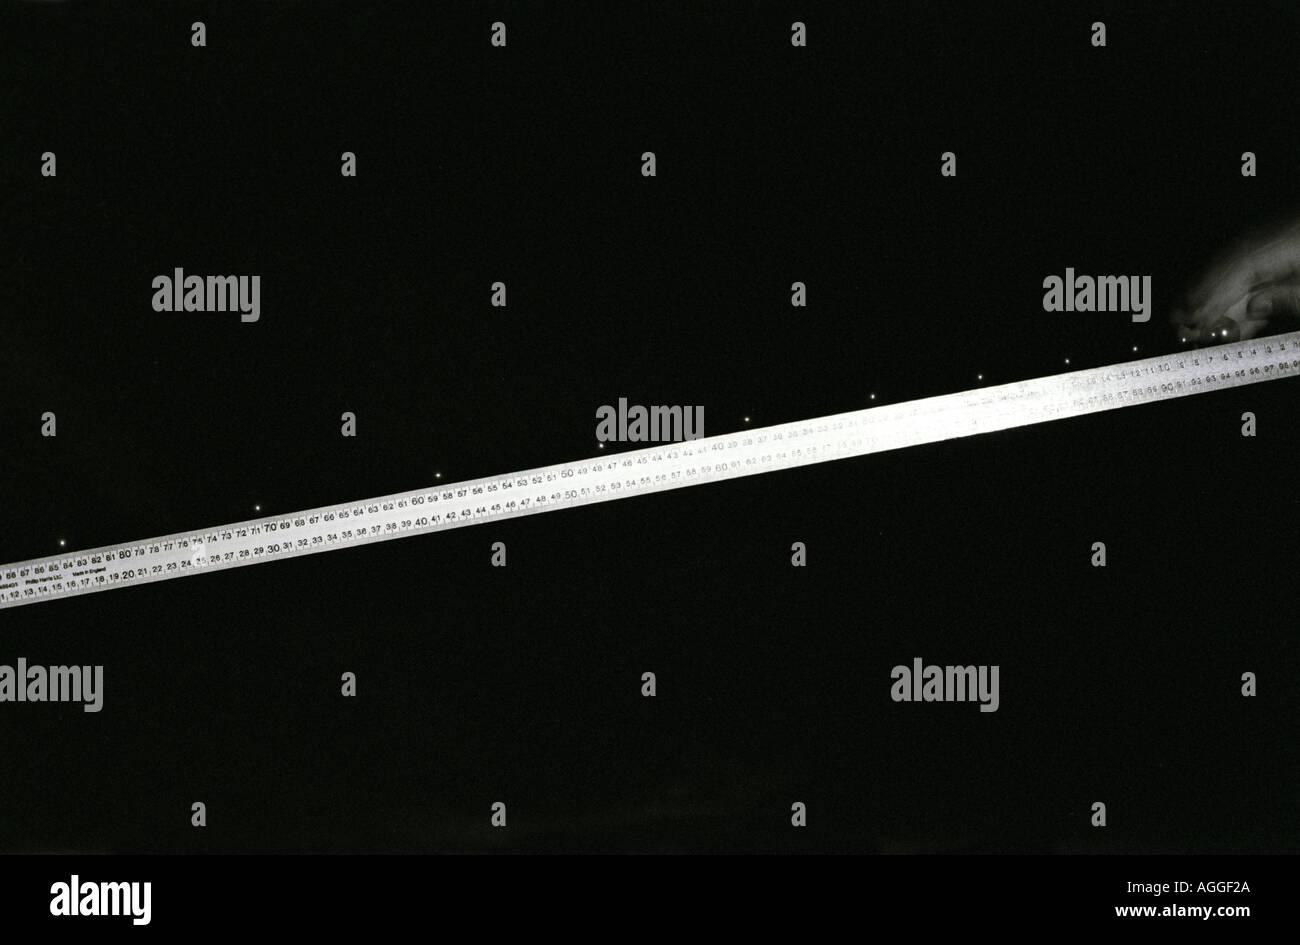 Multiflash foto del cuscinetto a sfere accelerando la discesa di un pendio accanto a una regola del misuratore Immagini Stock